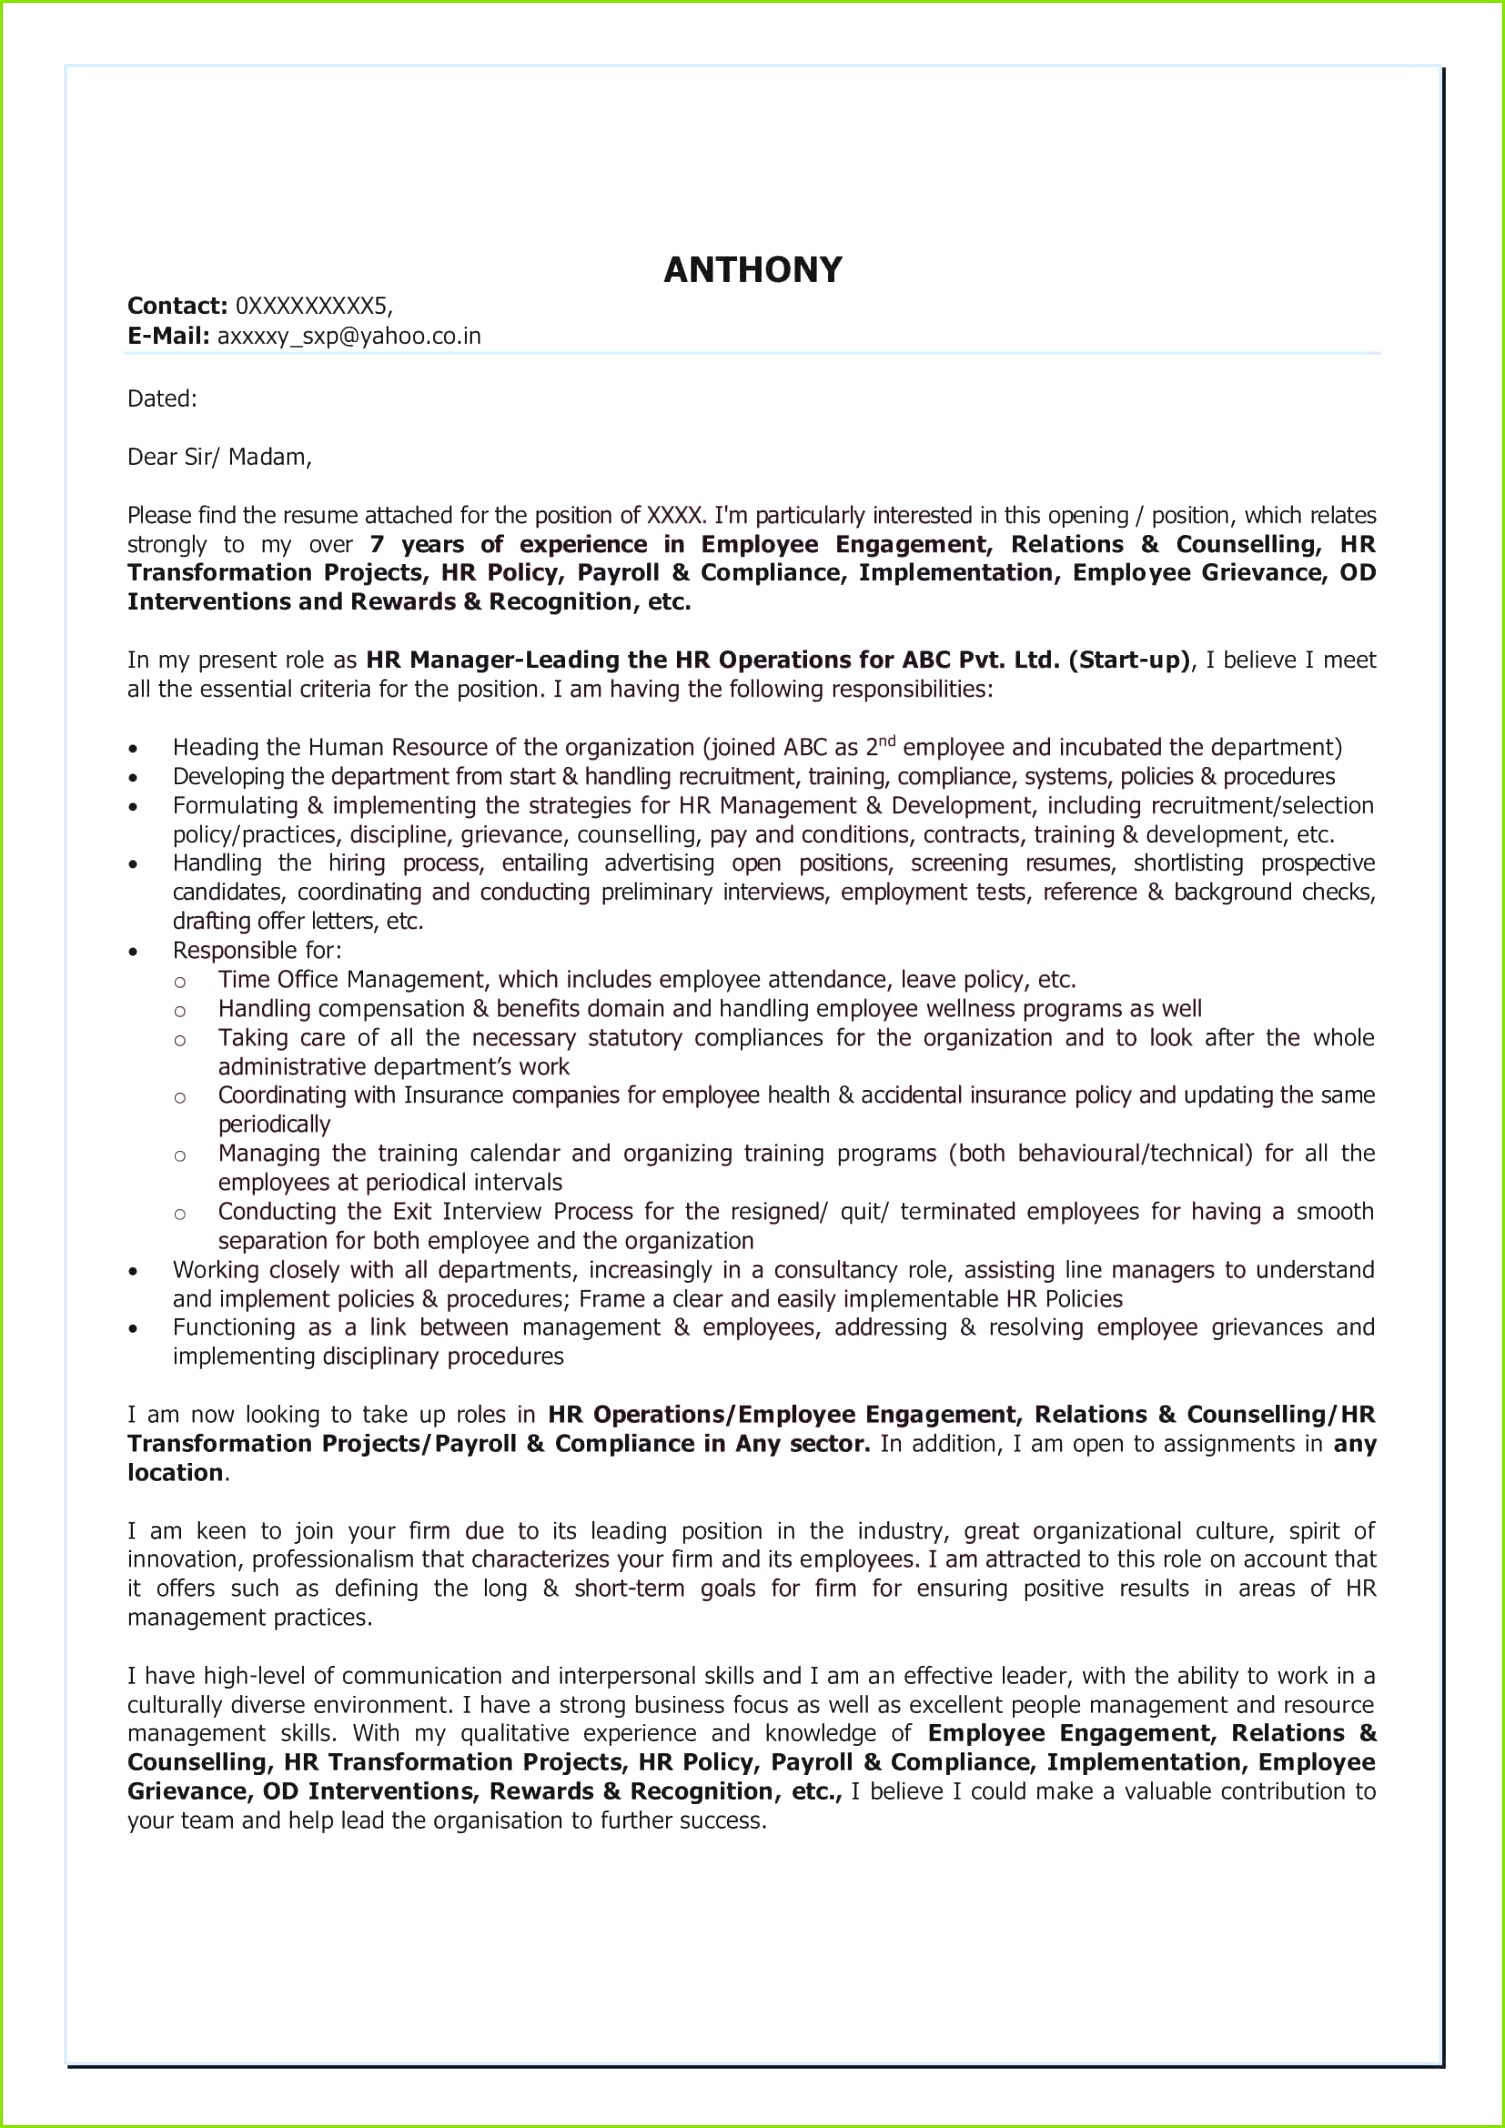 Wlan Nutzungsvereinbarung Vorlage Editierbar Inspirierende übergabeprotokoll Muster Kostenlos 44 Neu Wlan Nutzungsvereinbarung Vorlage